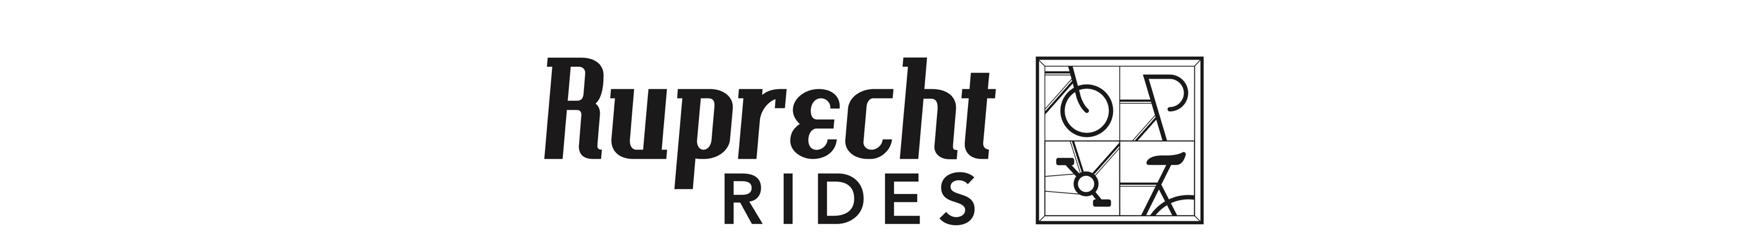 Ruprecht Rides - Aus Liebe zum Rad